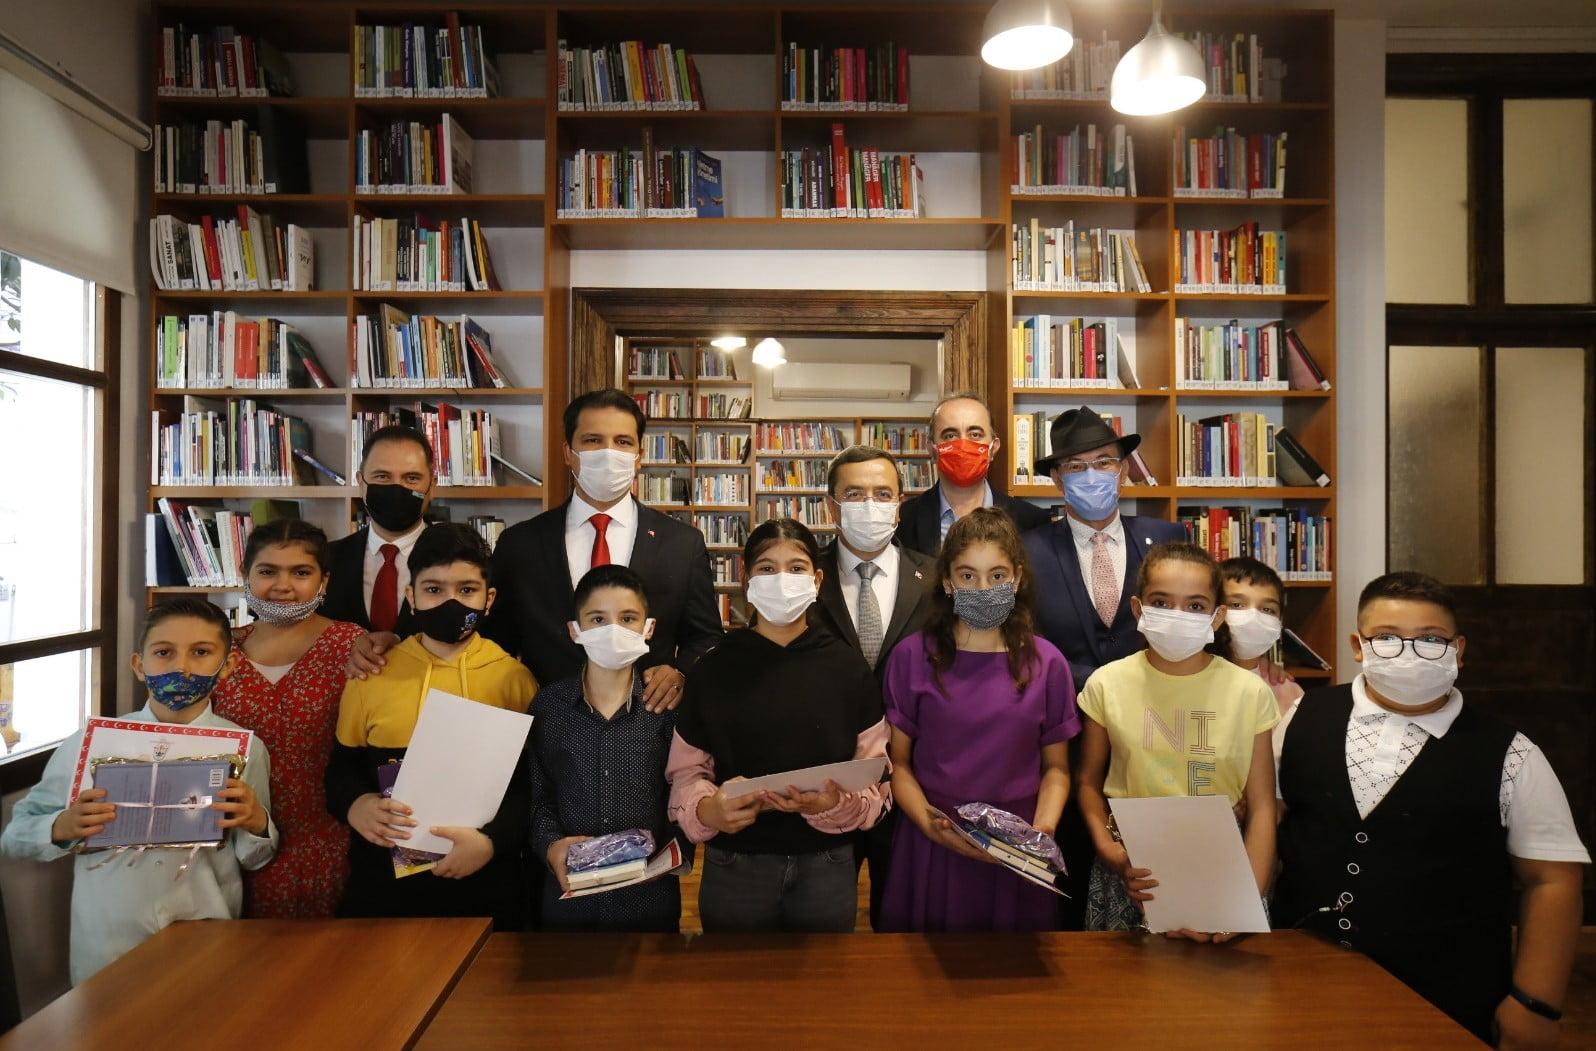 İzmir'de 724 Hizmet Veren Milli Kütüphane Açıldı-3-